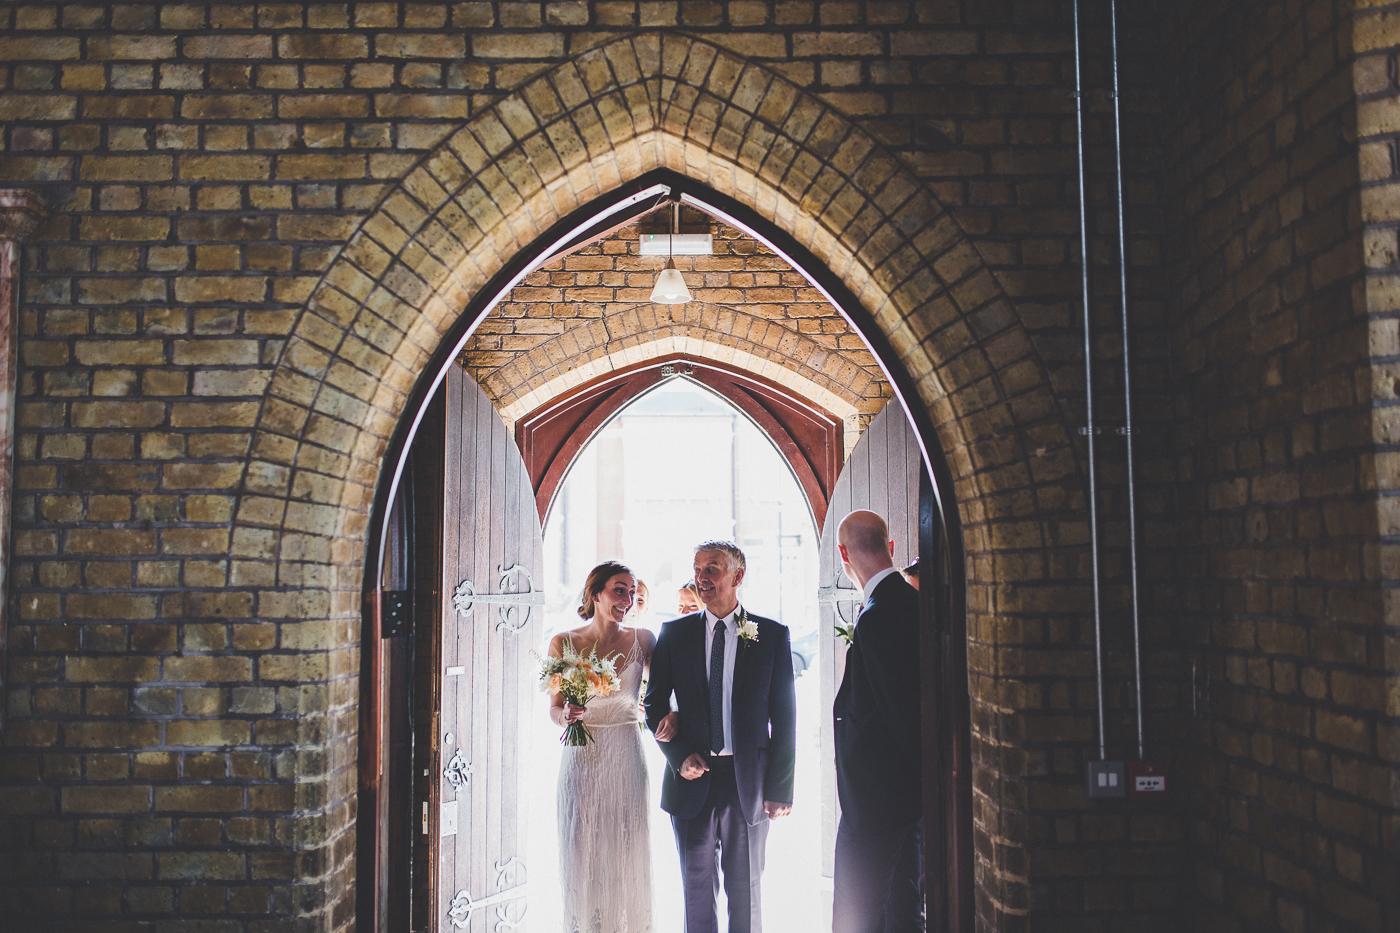 london-wedding-photographer-26.jpg